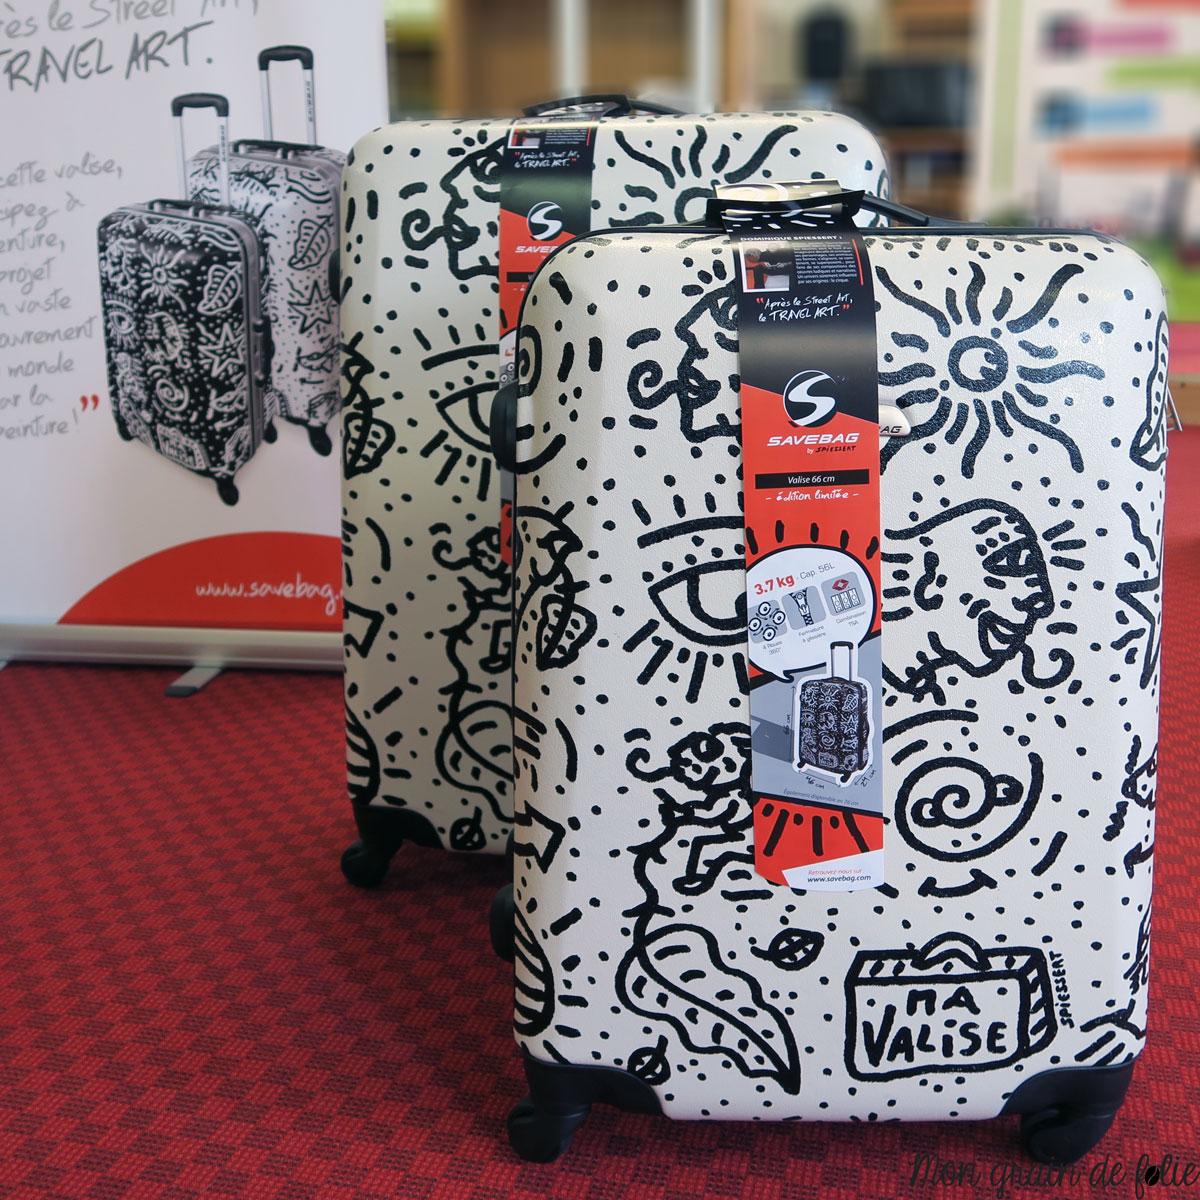 valise-spiessert-savebag-mongraindefolie